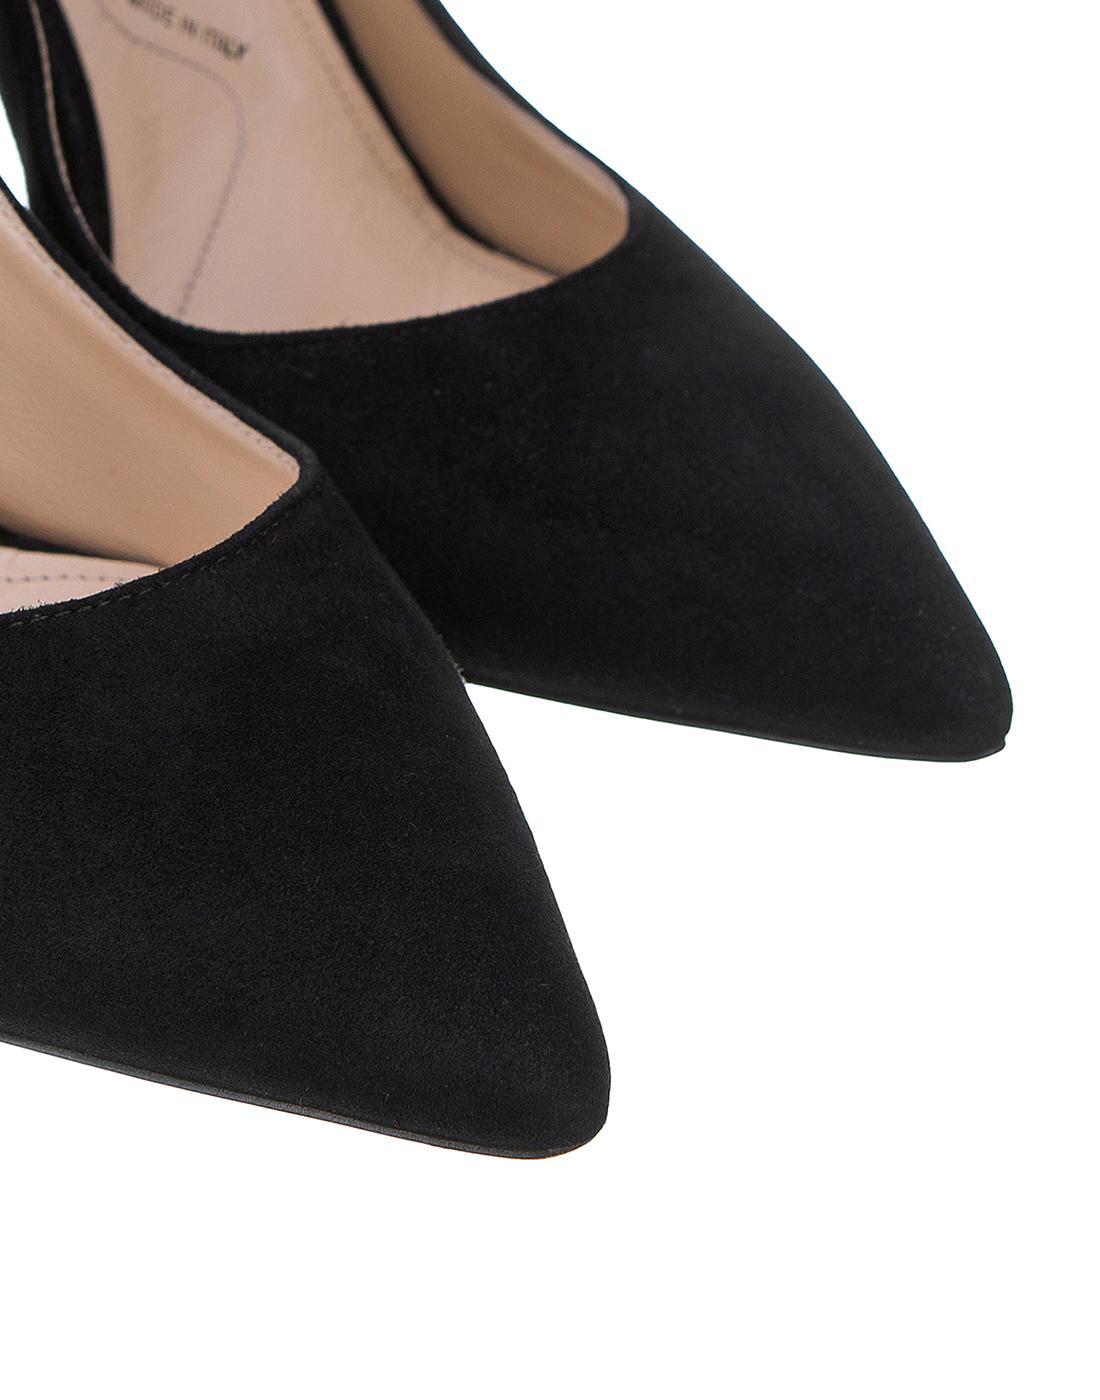 Туфли черные женские Cesare Paciotti S502715 999-4